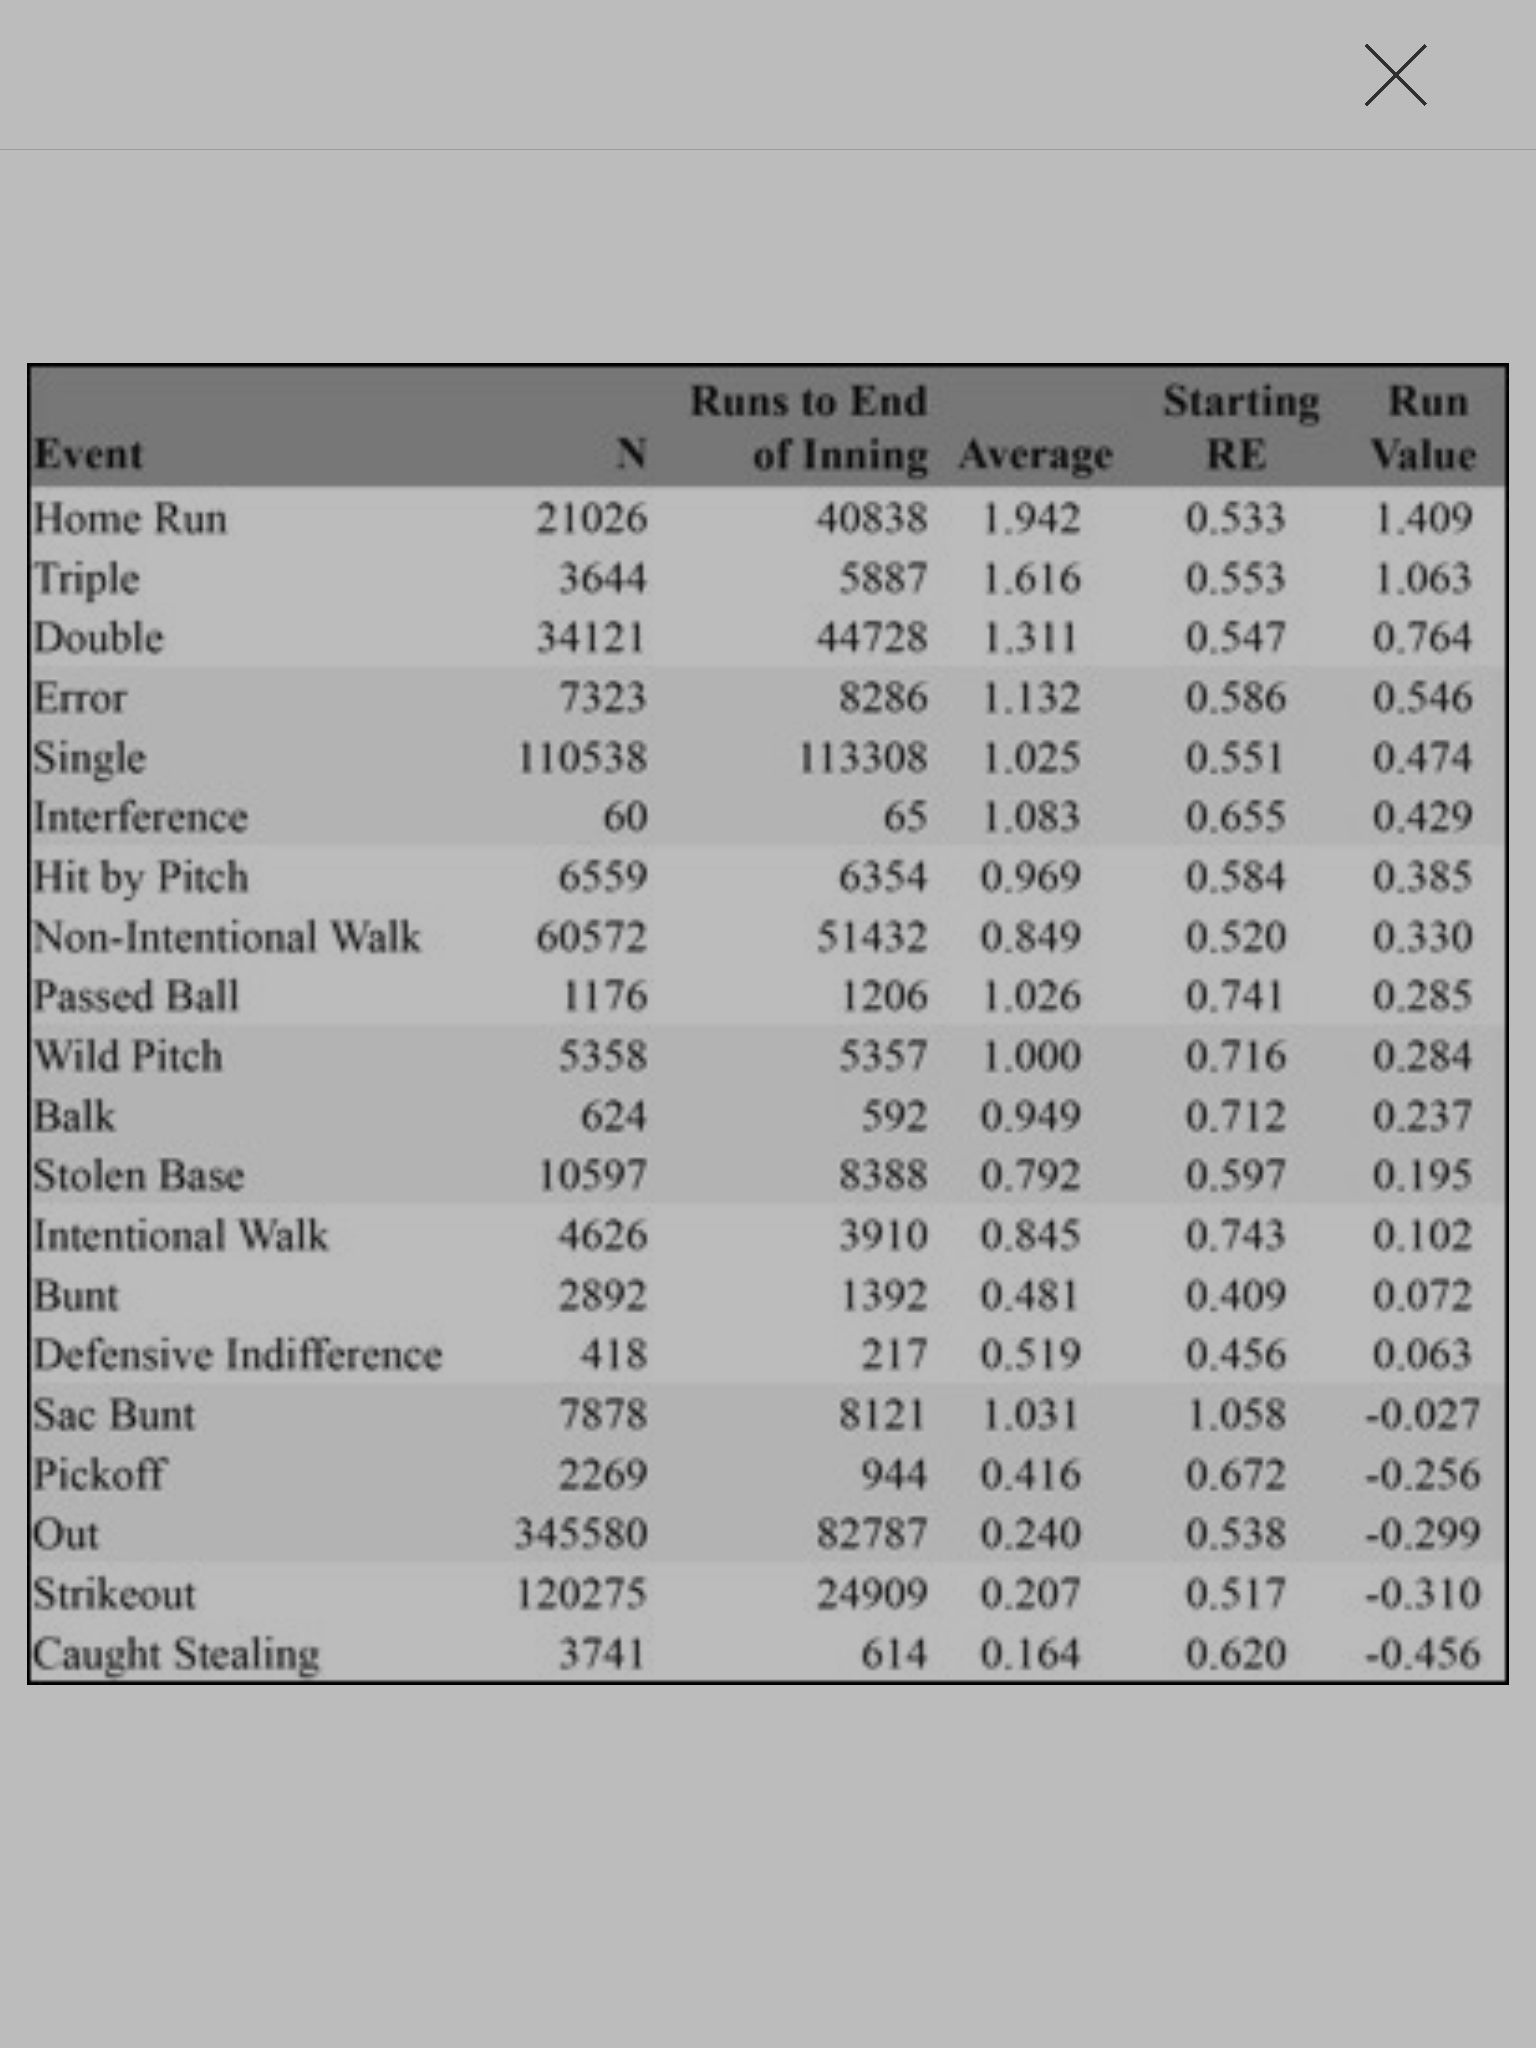 Run Value Table